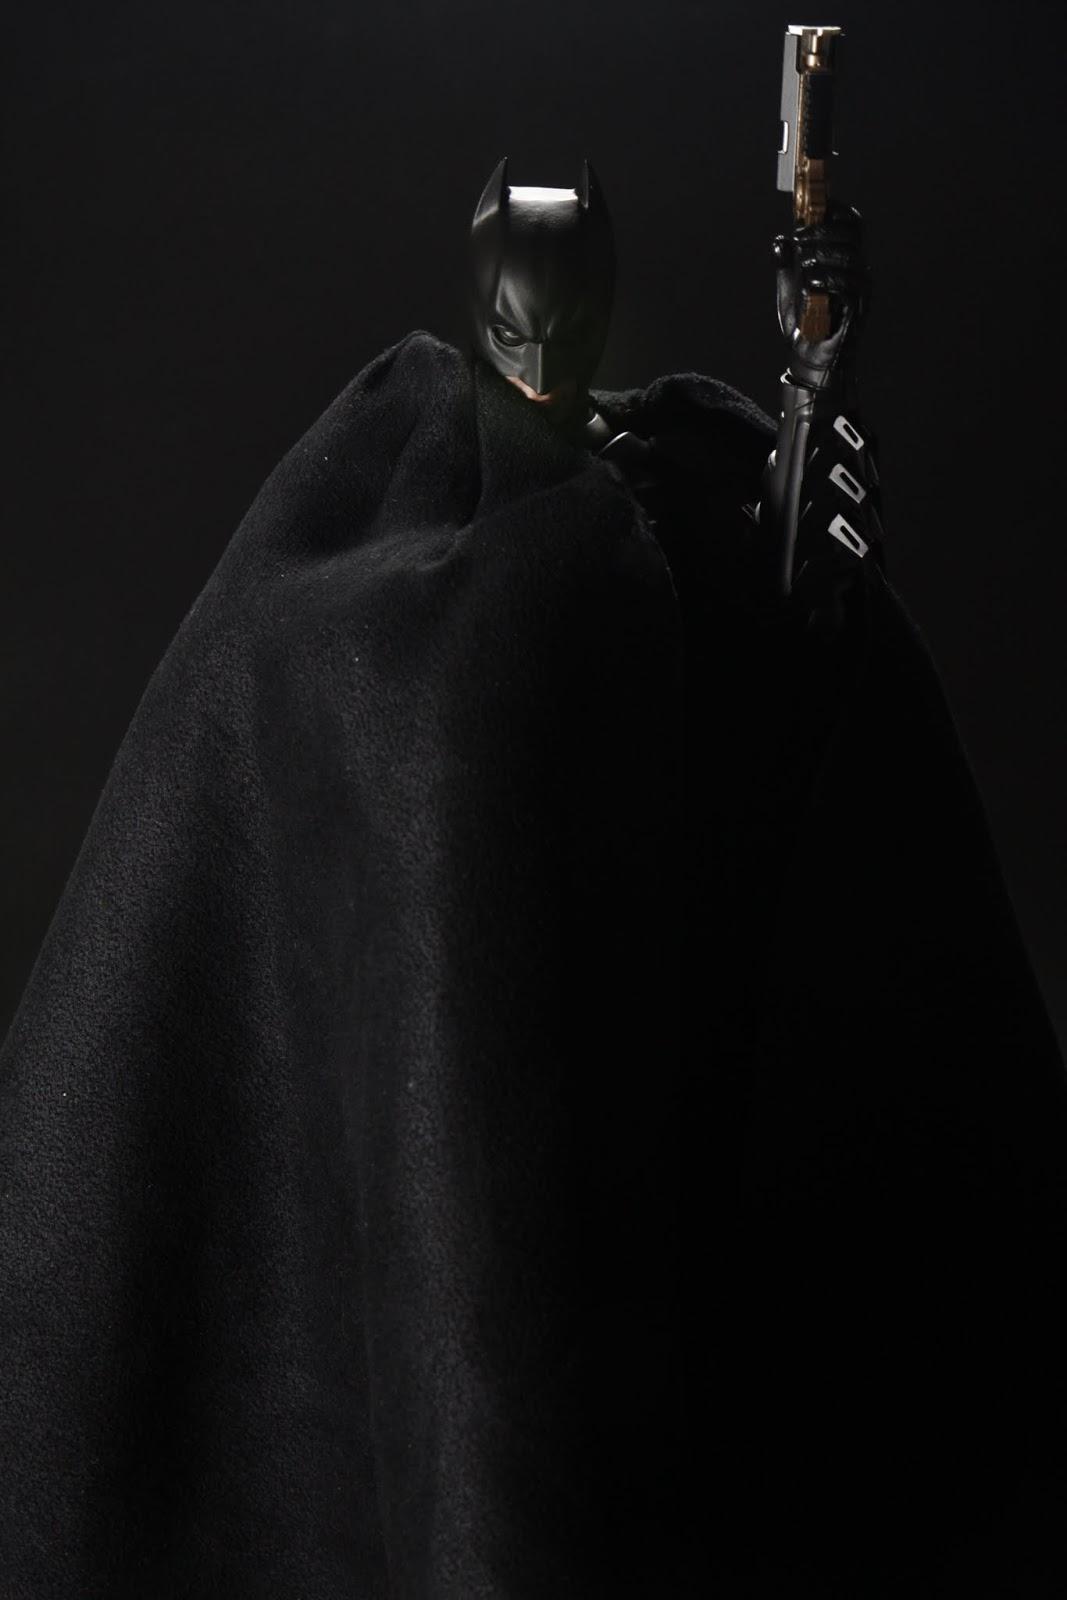 蝙蝠俠把披風圍在自己身上後用拋繩槍飛走, 這動作超帥啊~你永遠不知道他拋繩槍往哪射阿!